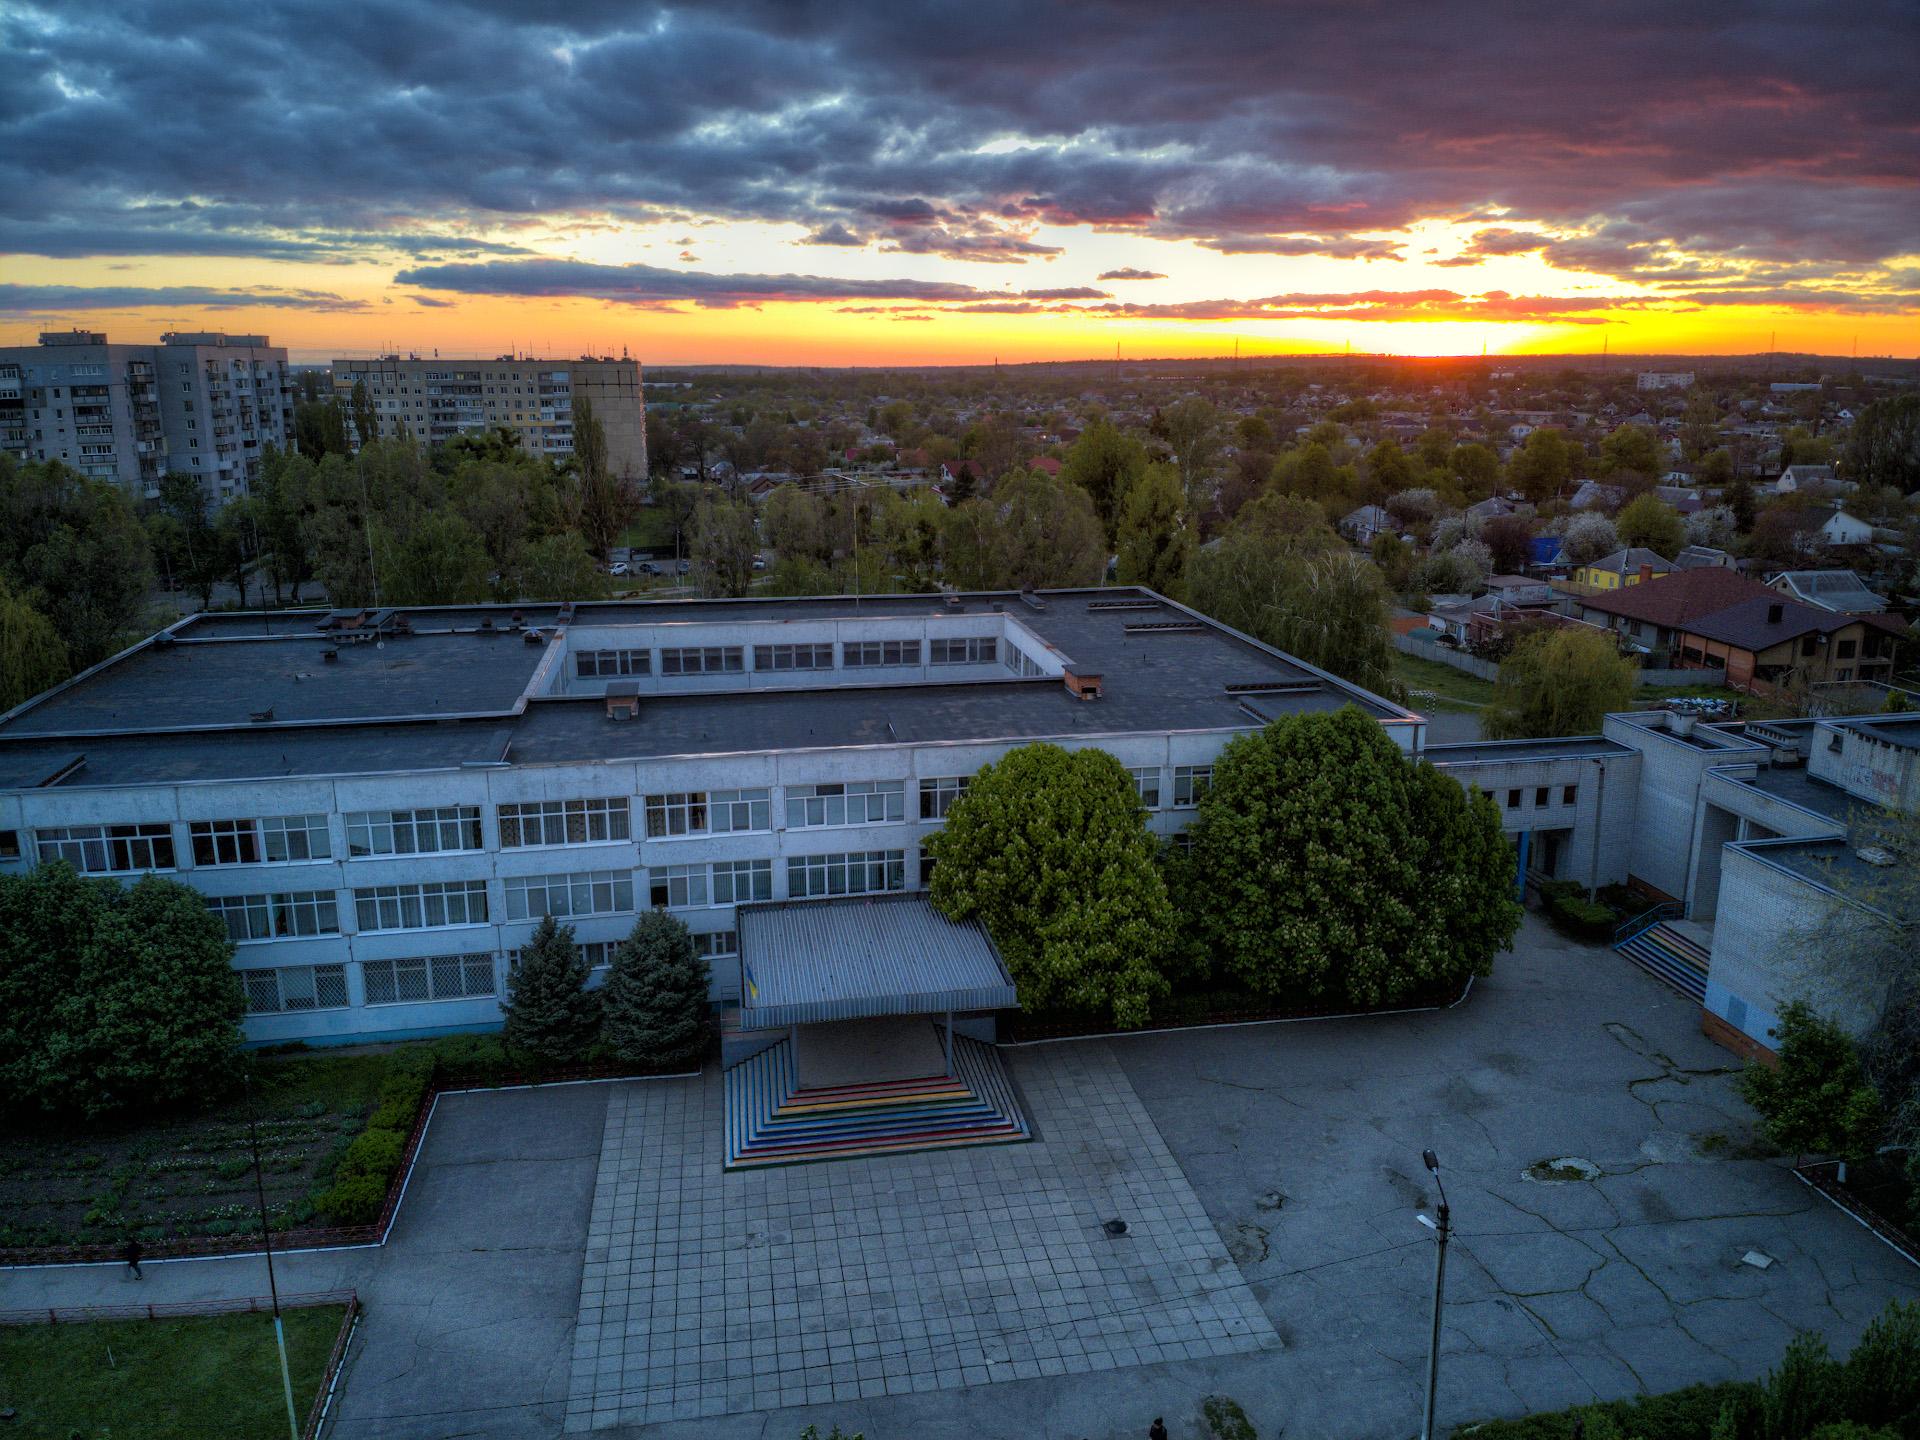 Двор школы №6 в лучах заката, май 2021